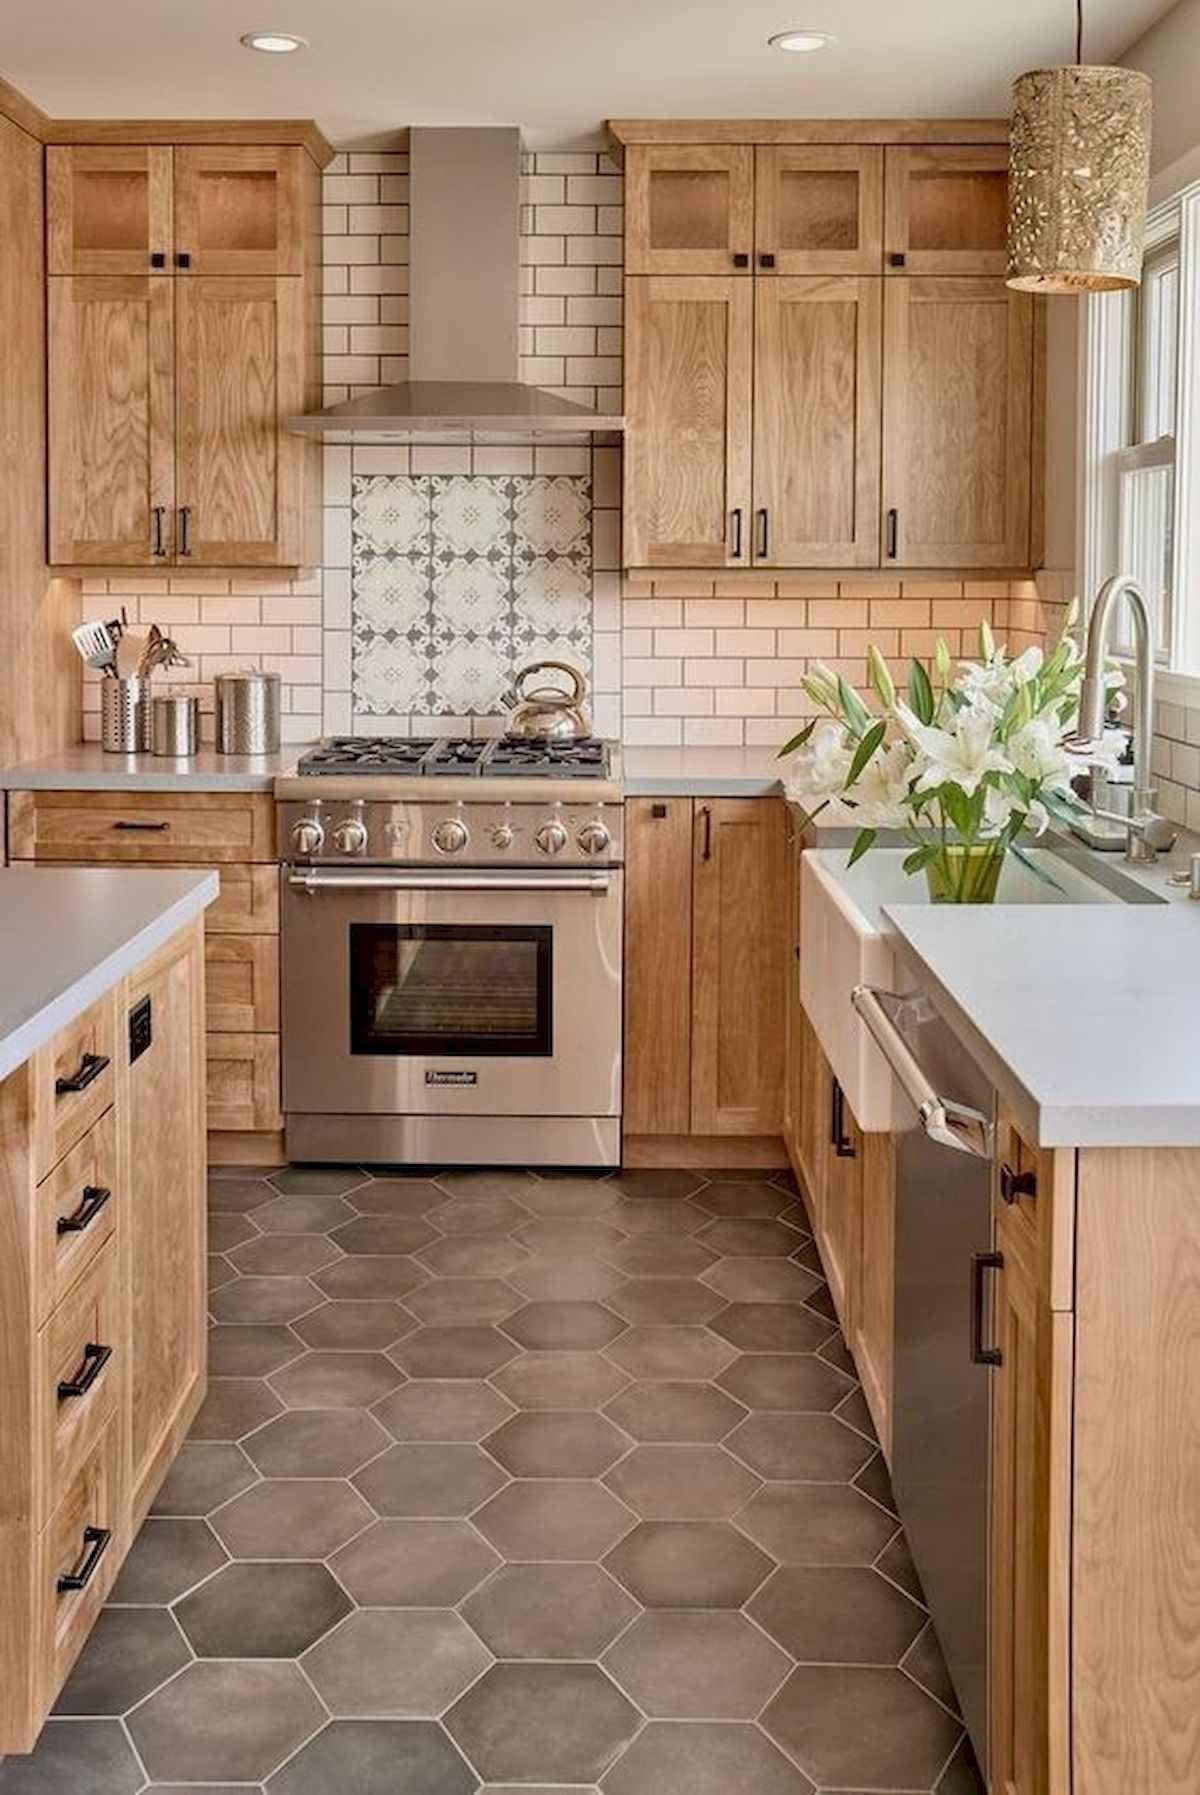 50 Best Kitchen Cabinets Design Ideas To Inspiring Your Kitchen